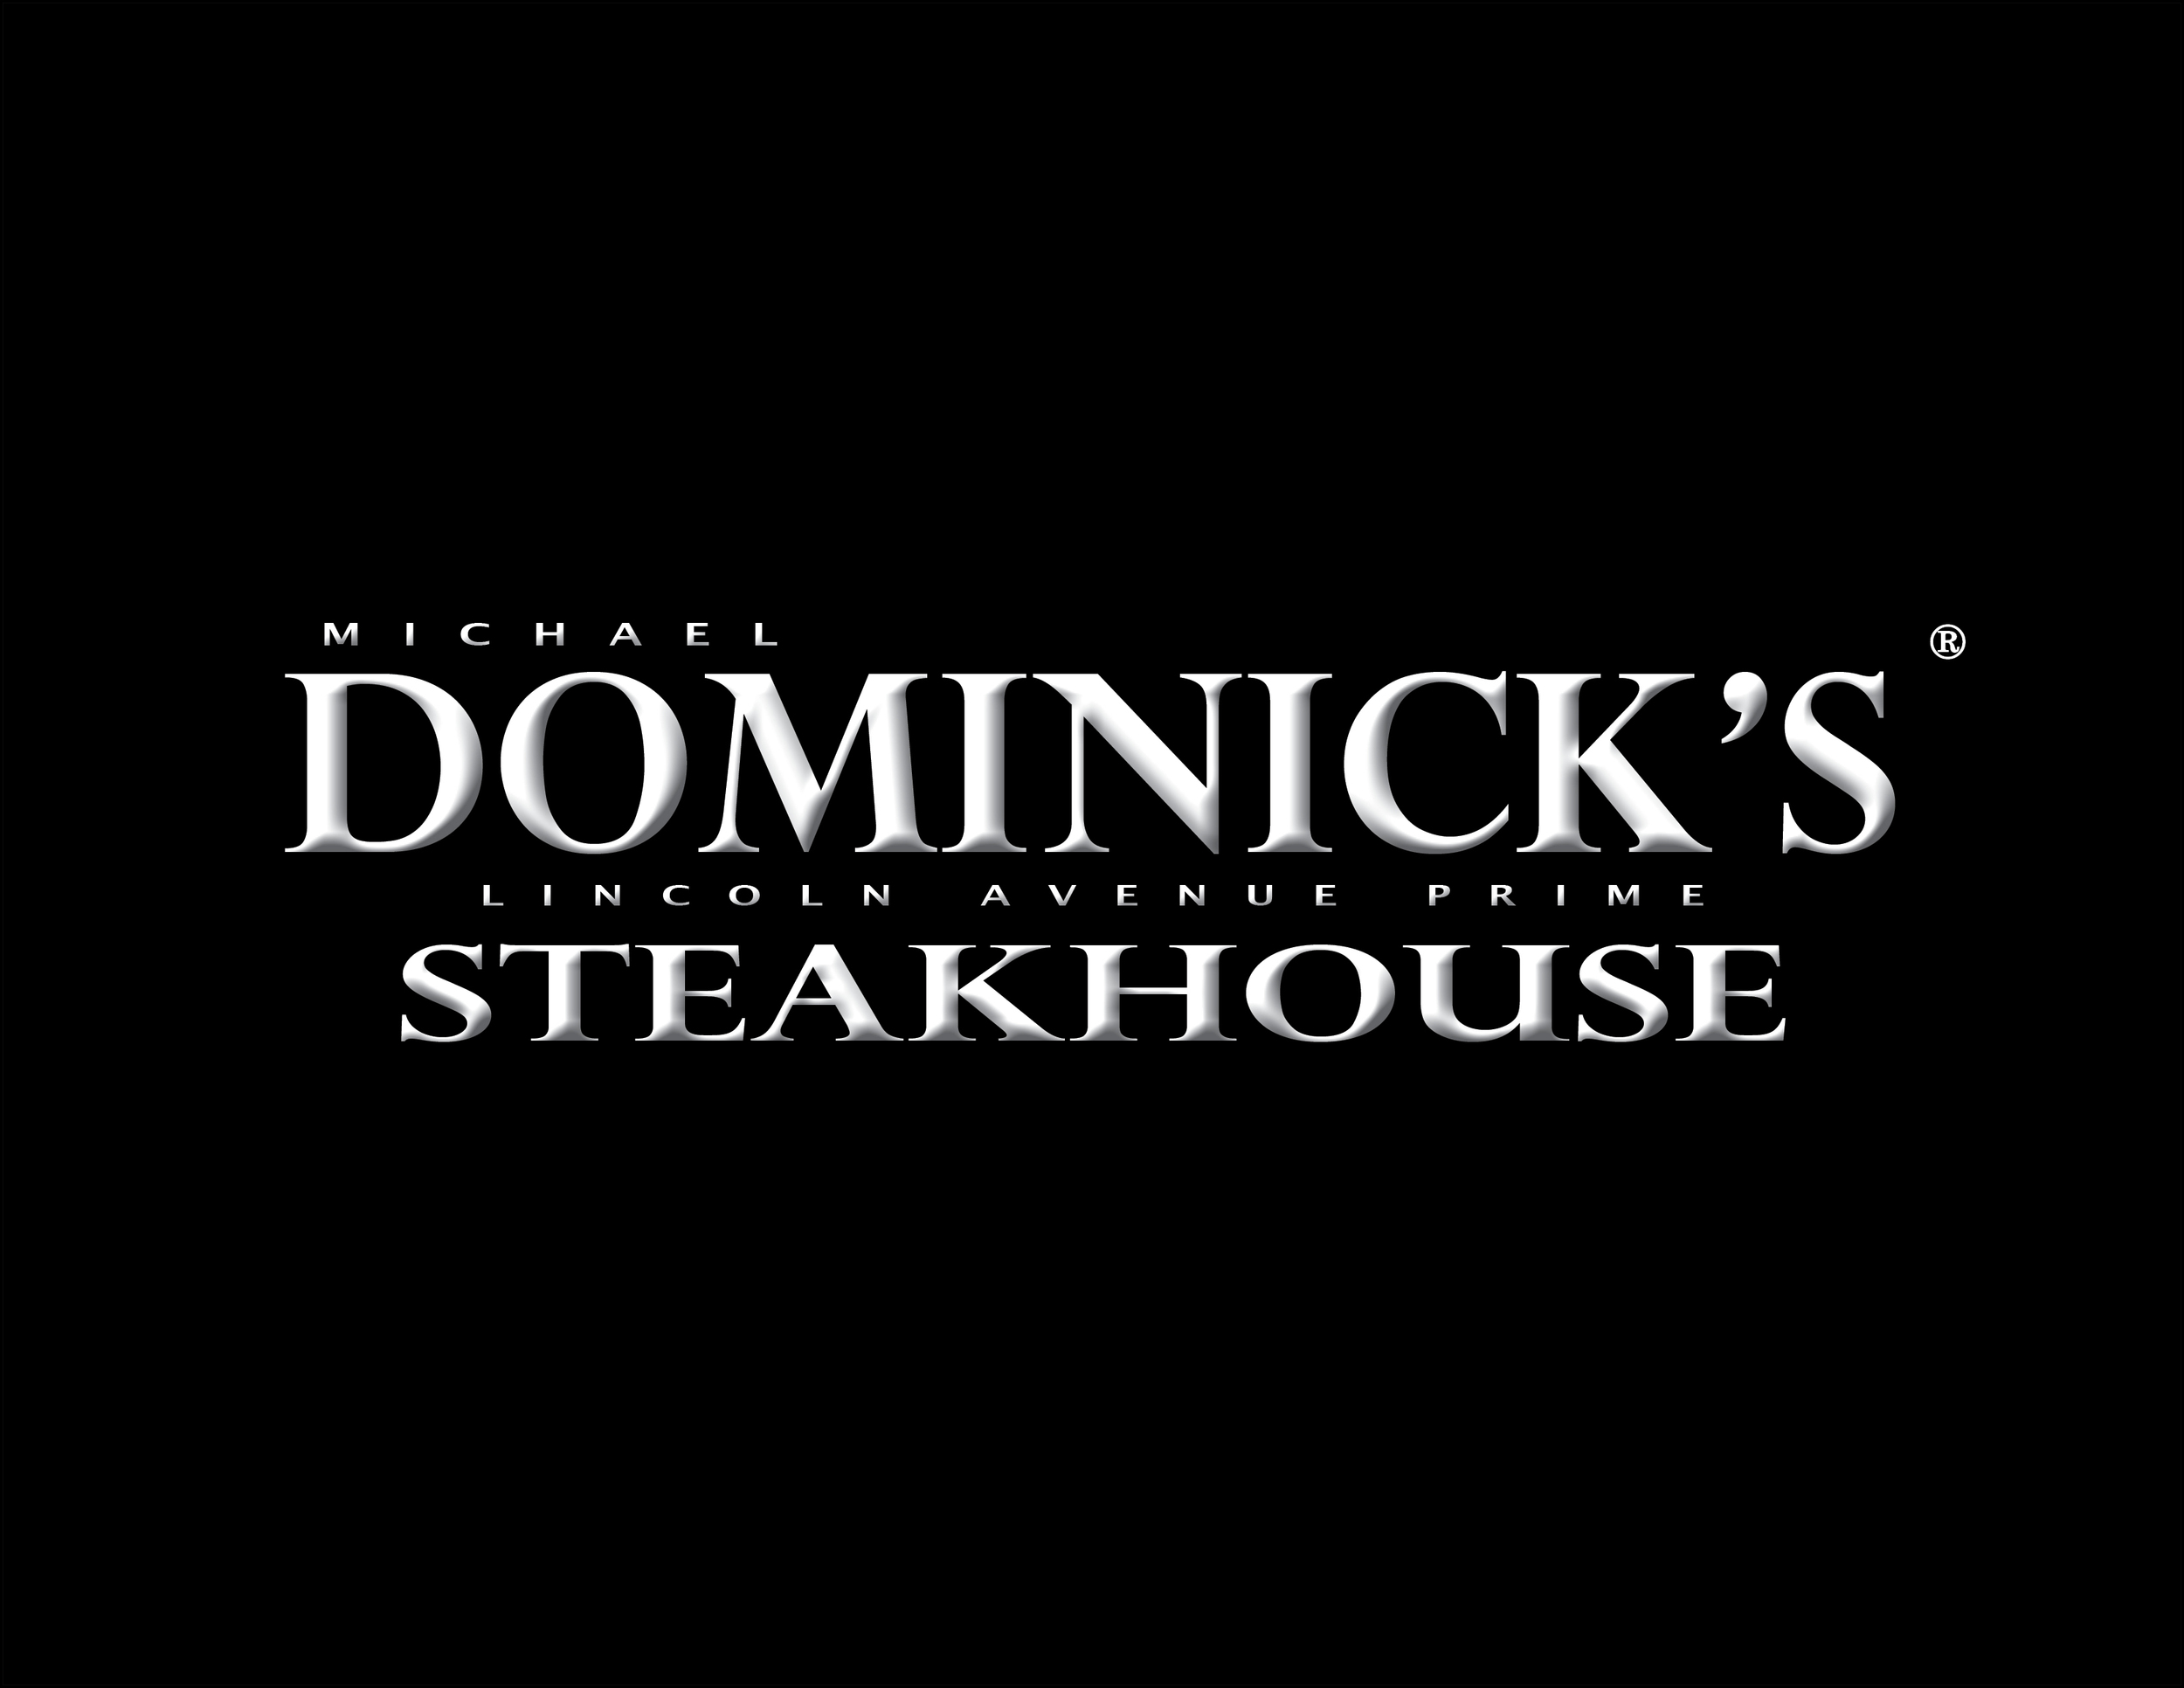 Dominick's Steakhouse registered LOGO white letter black back.jpg